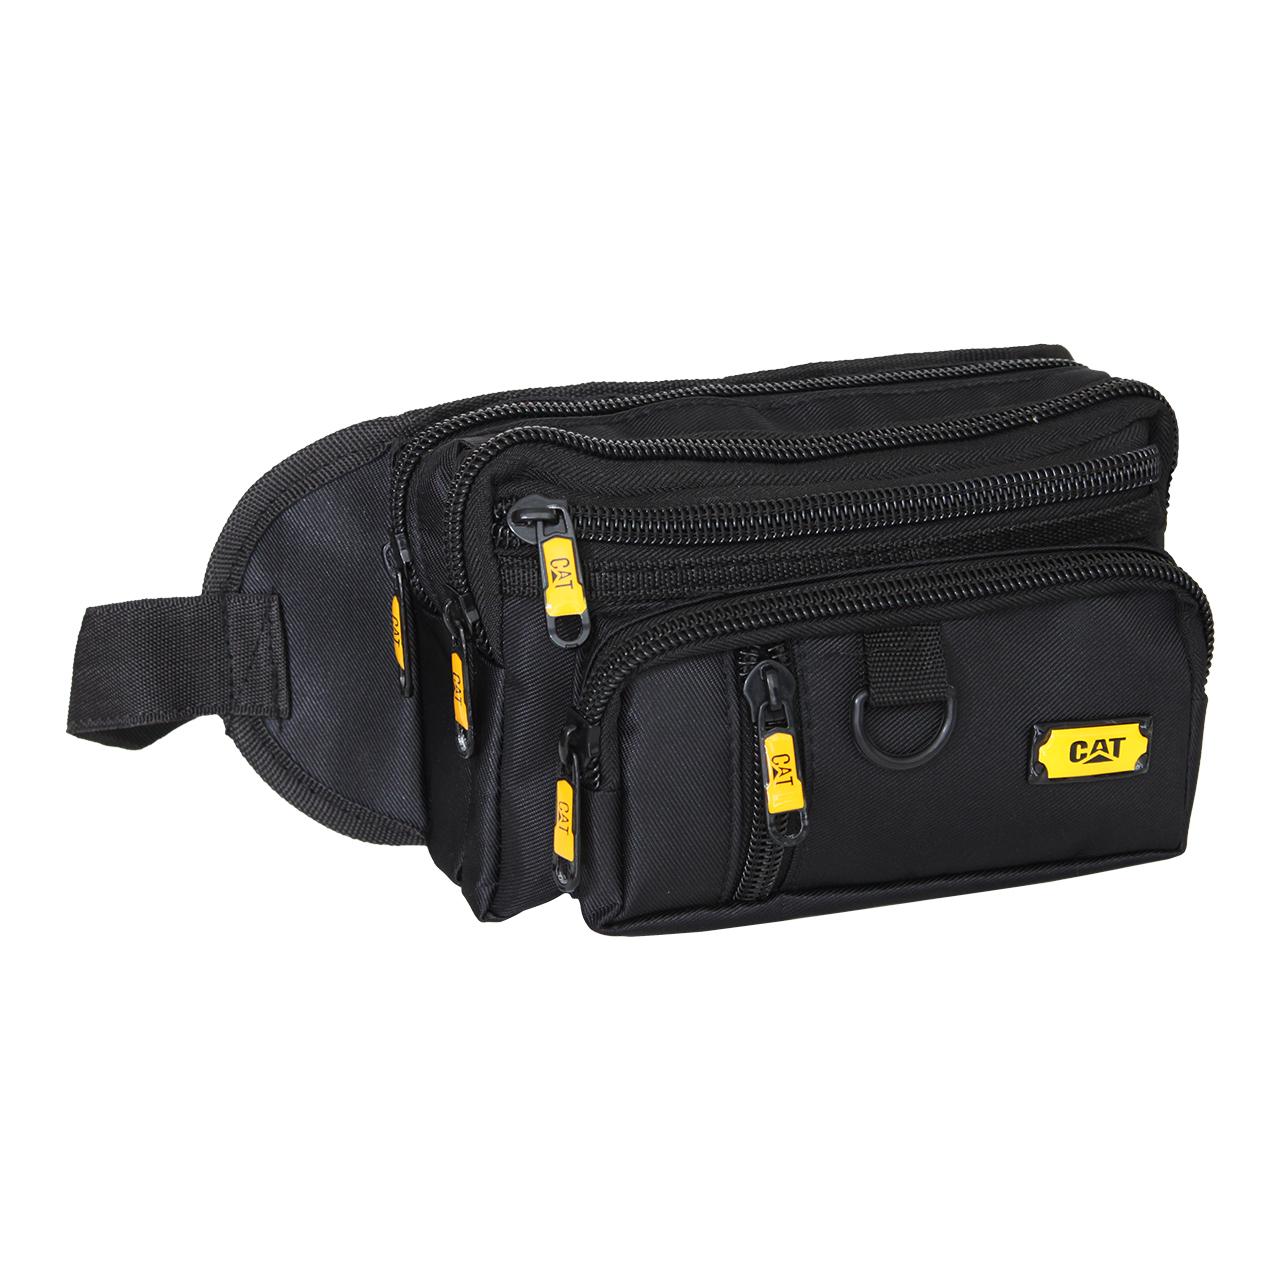 خرید                                     کیف کمری مدل 11062                     غیر اصل